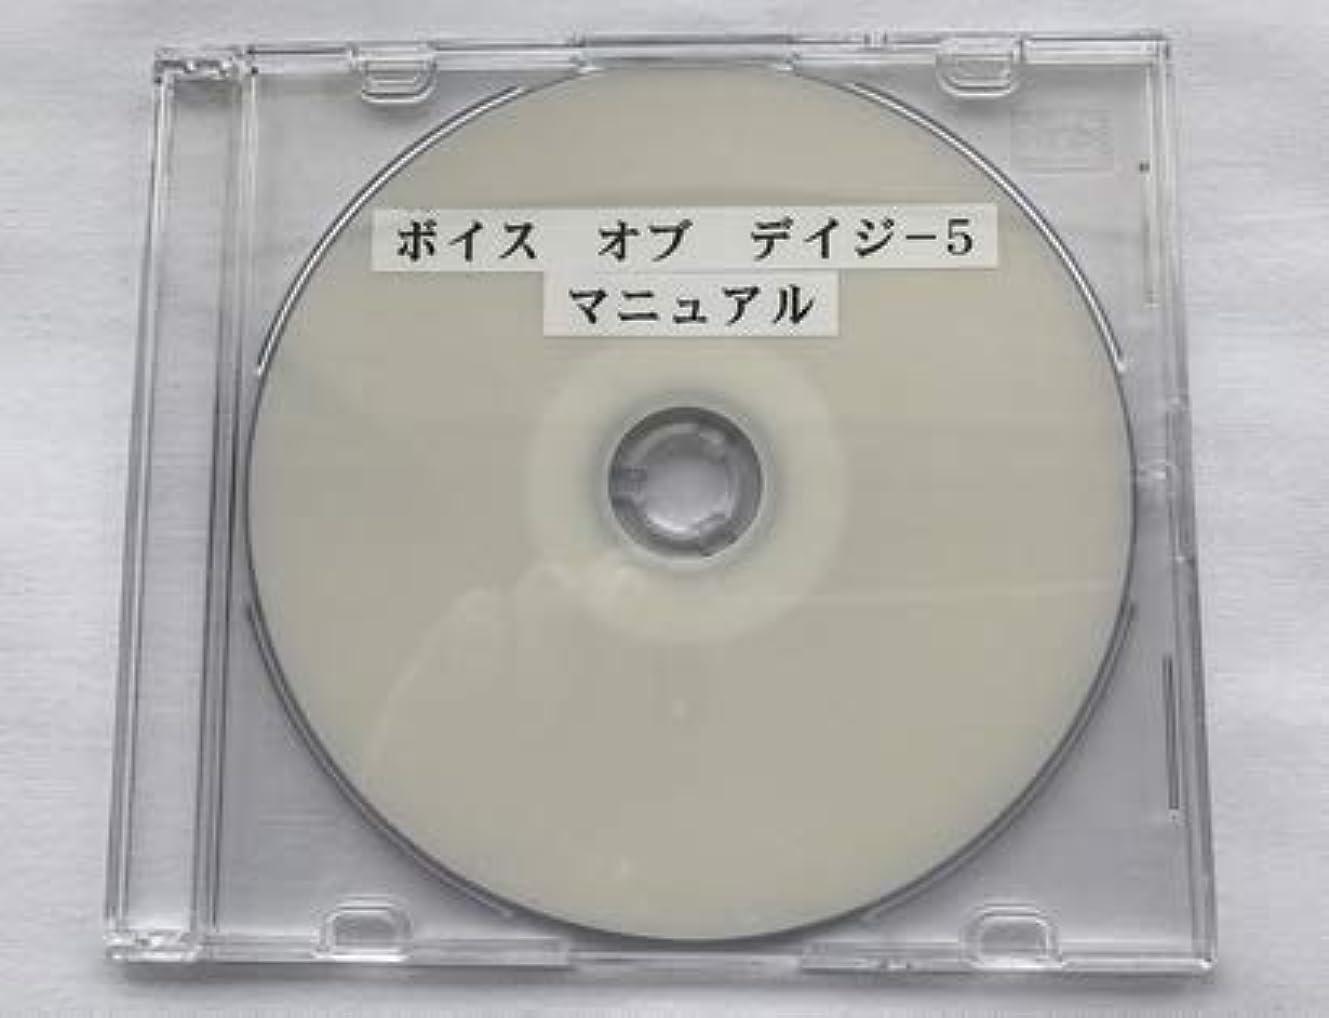 スコットランド人作者翻訳ボイス オブ デイジー 5 マニュアル(DVD版)ボイス オブ デイジー 5 マニュアル(DVD版)ユーザー価格(2019年10月10日まで)